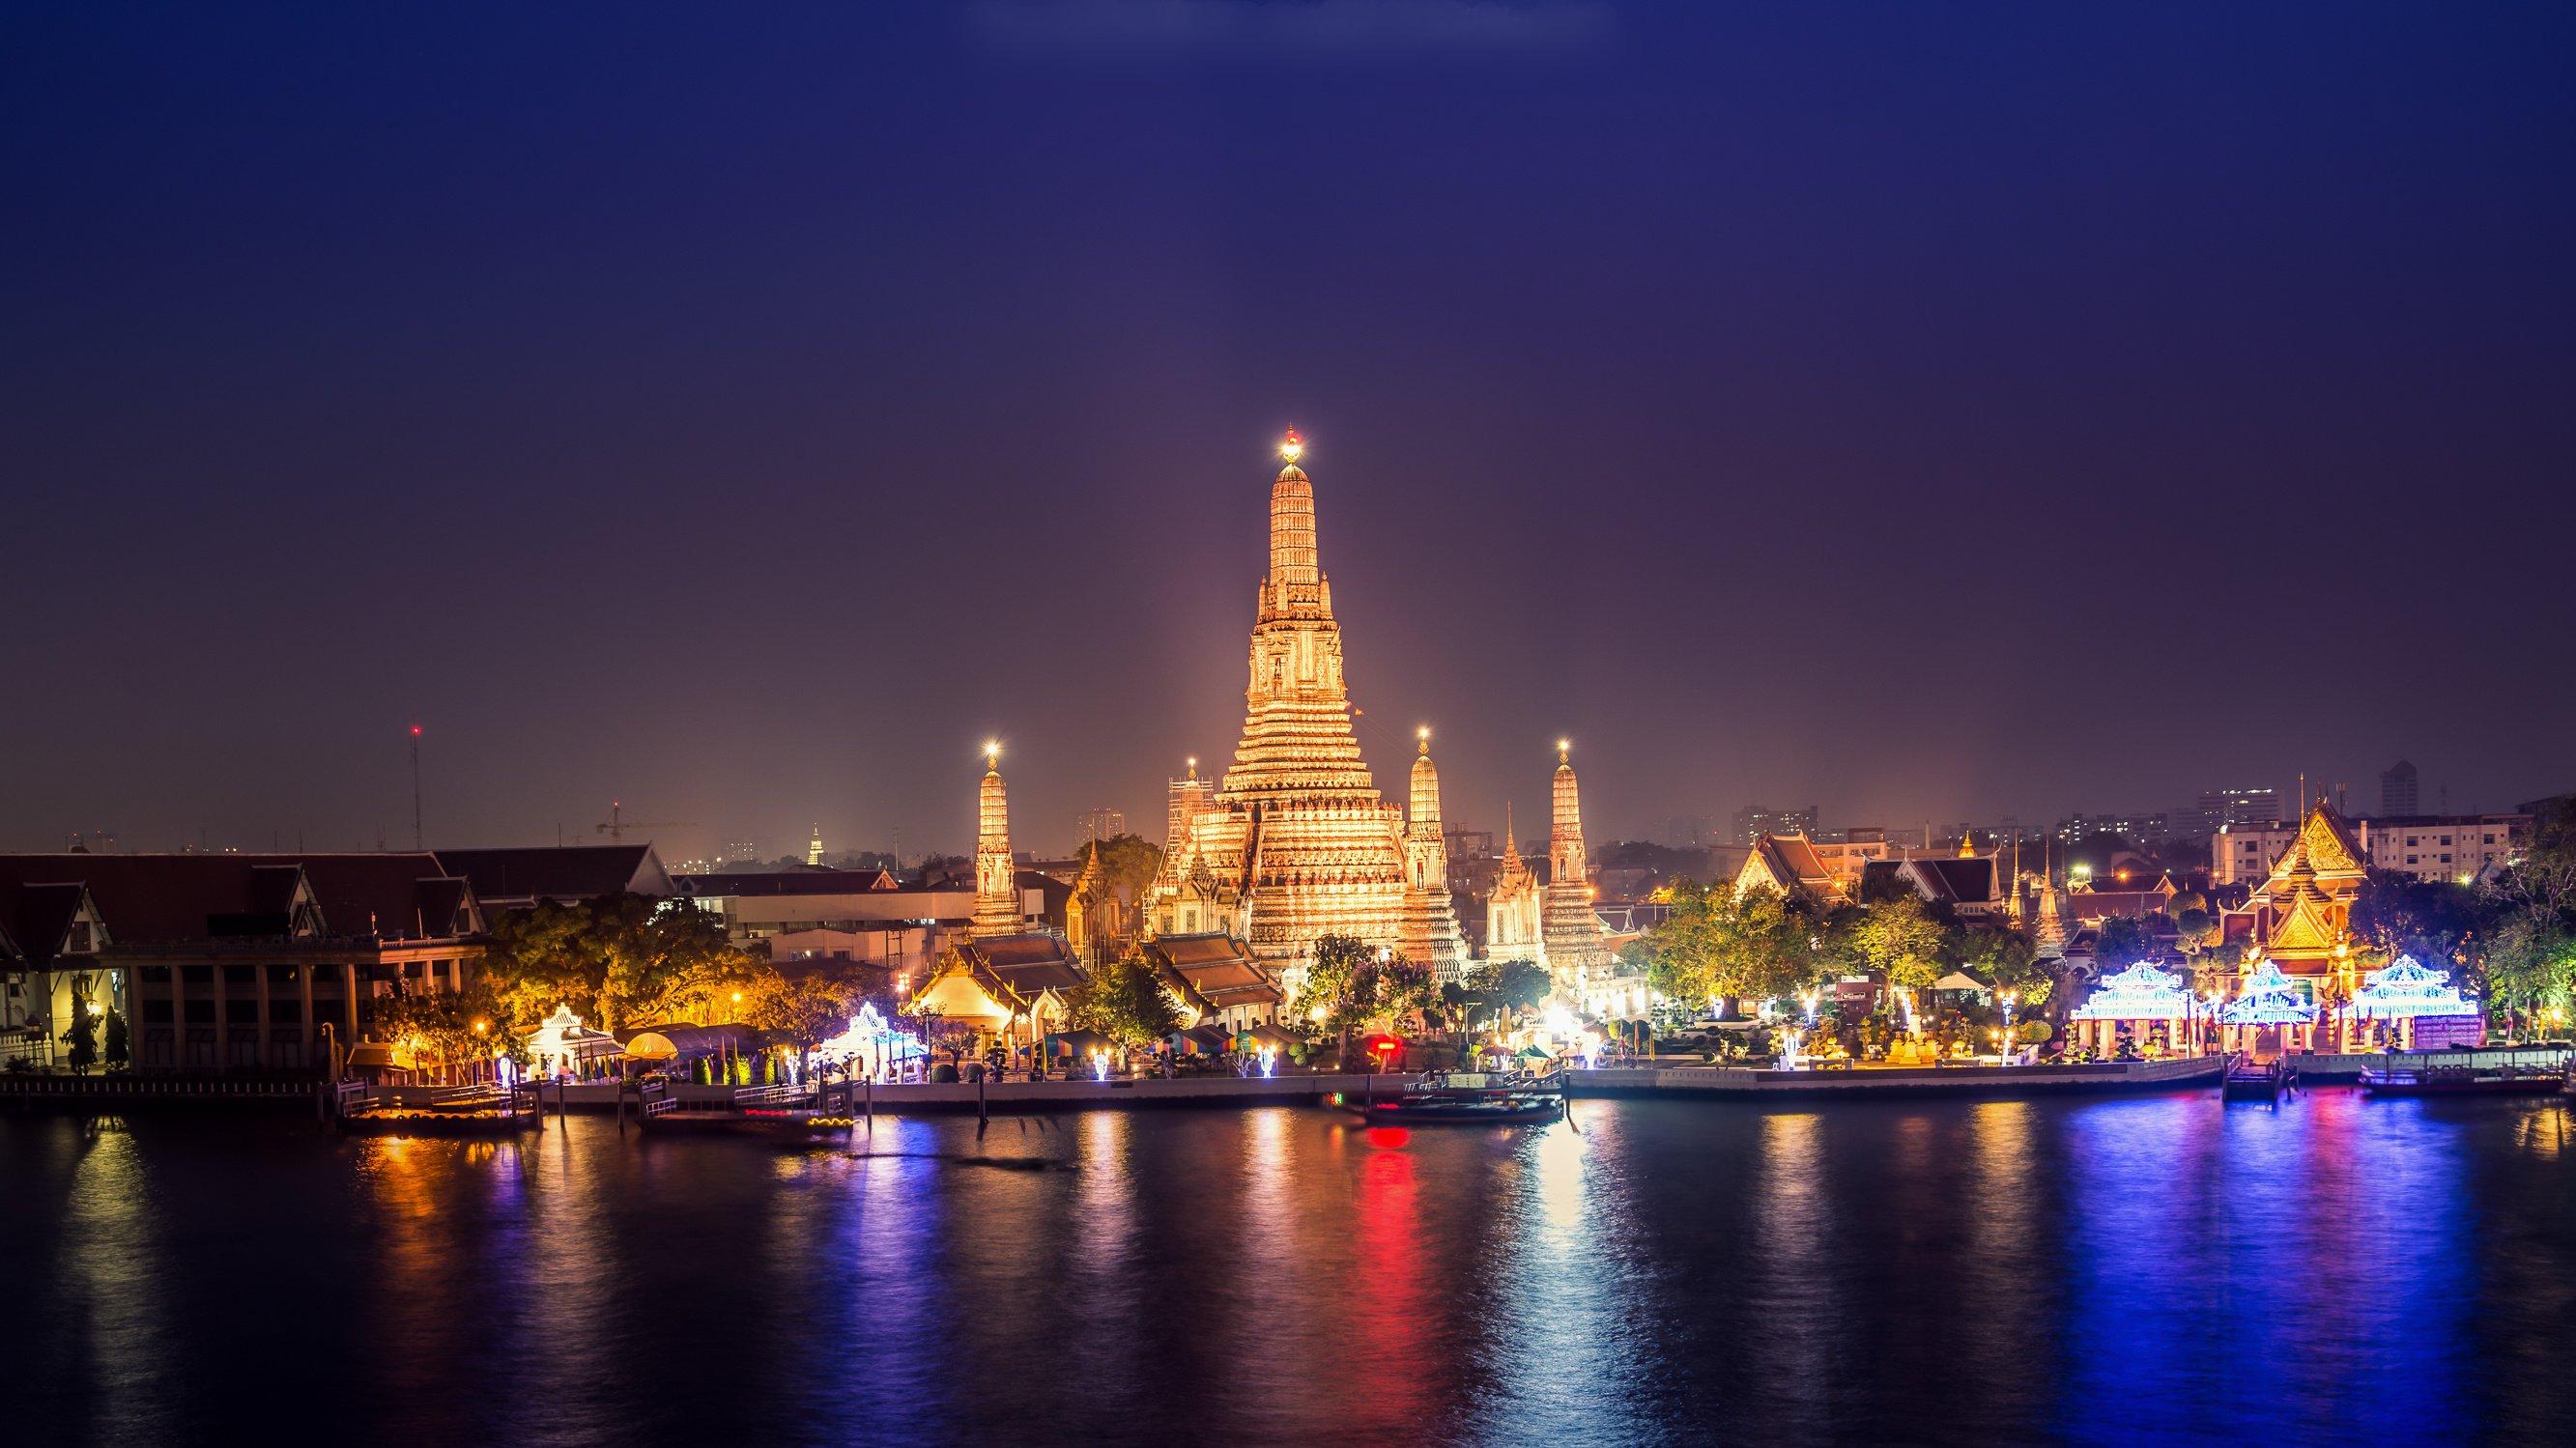 Ταυλάνδη,Μπανγκόκ 61